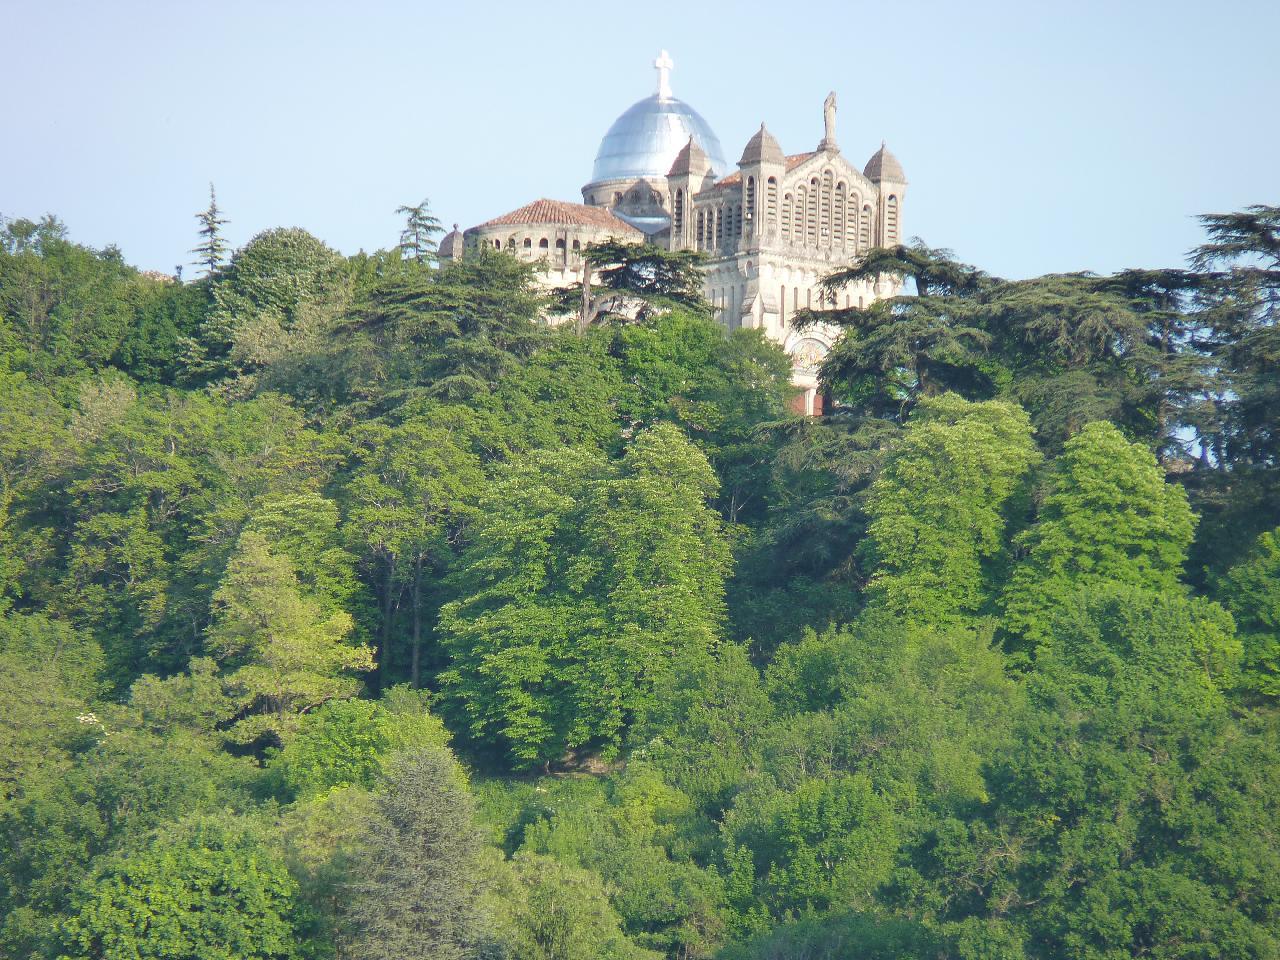 Sanctuaire Notre-Dame-de-Peyragude Penne-d'Agenais